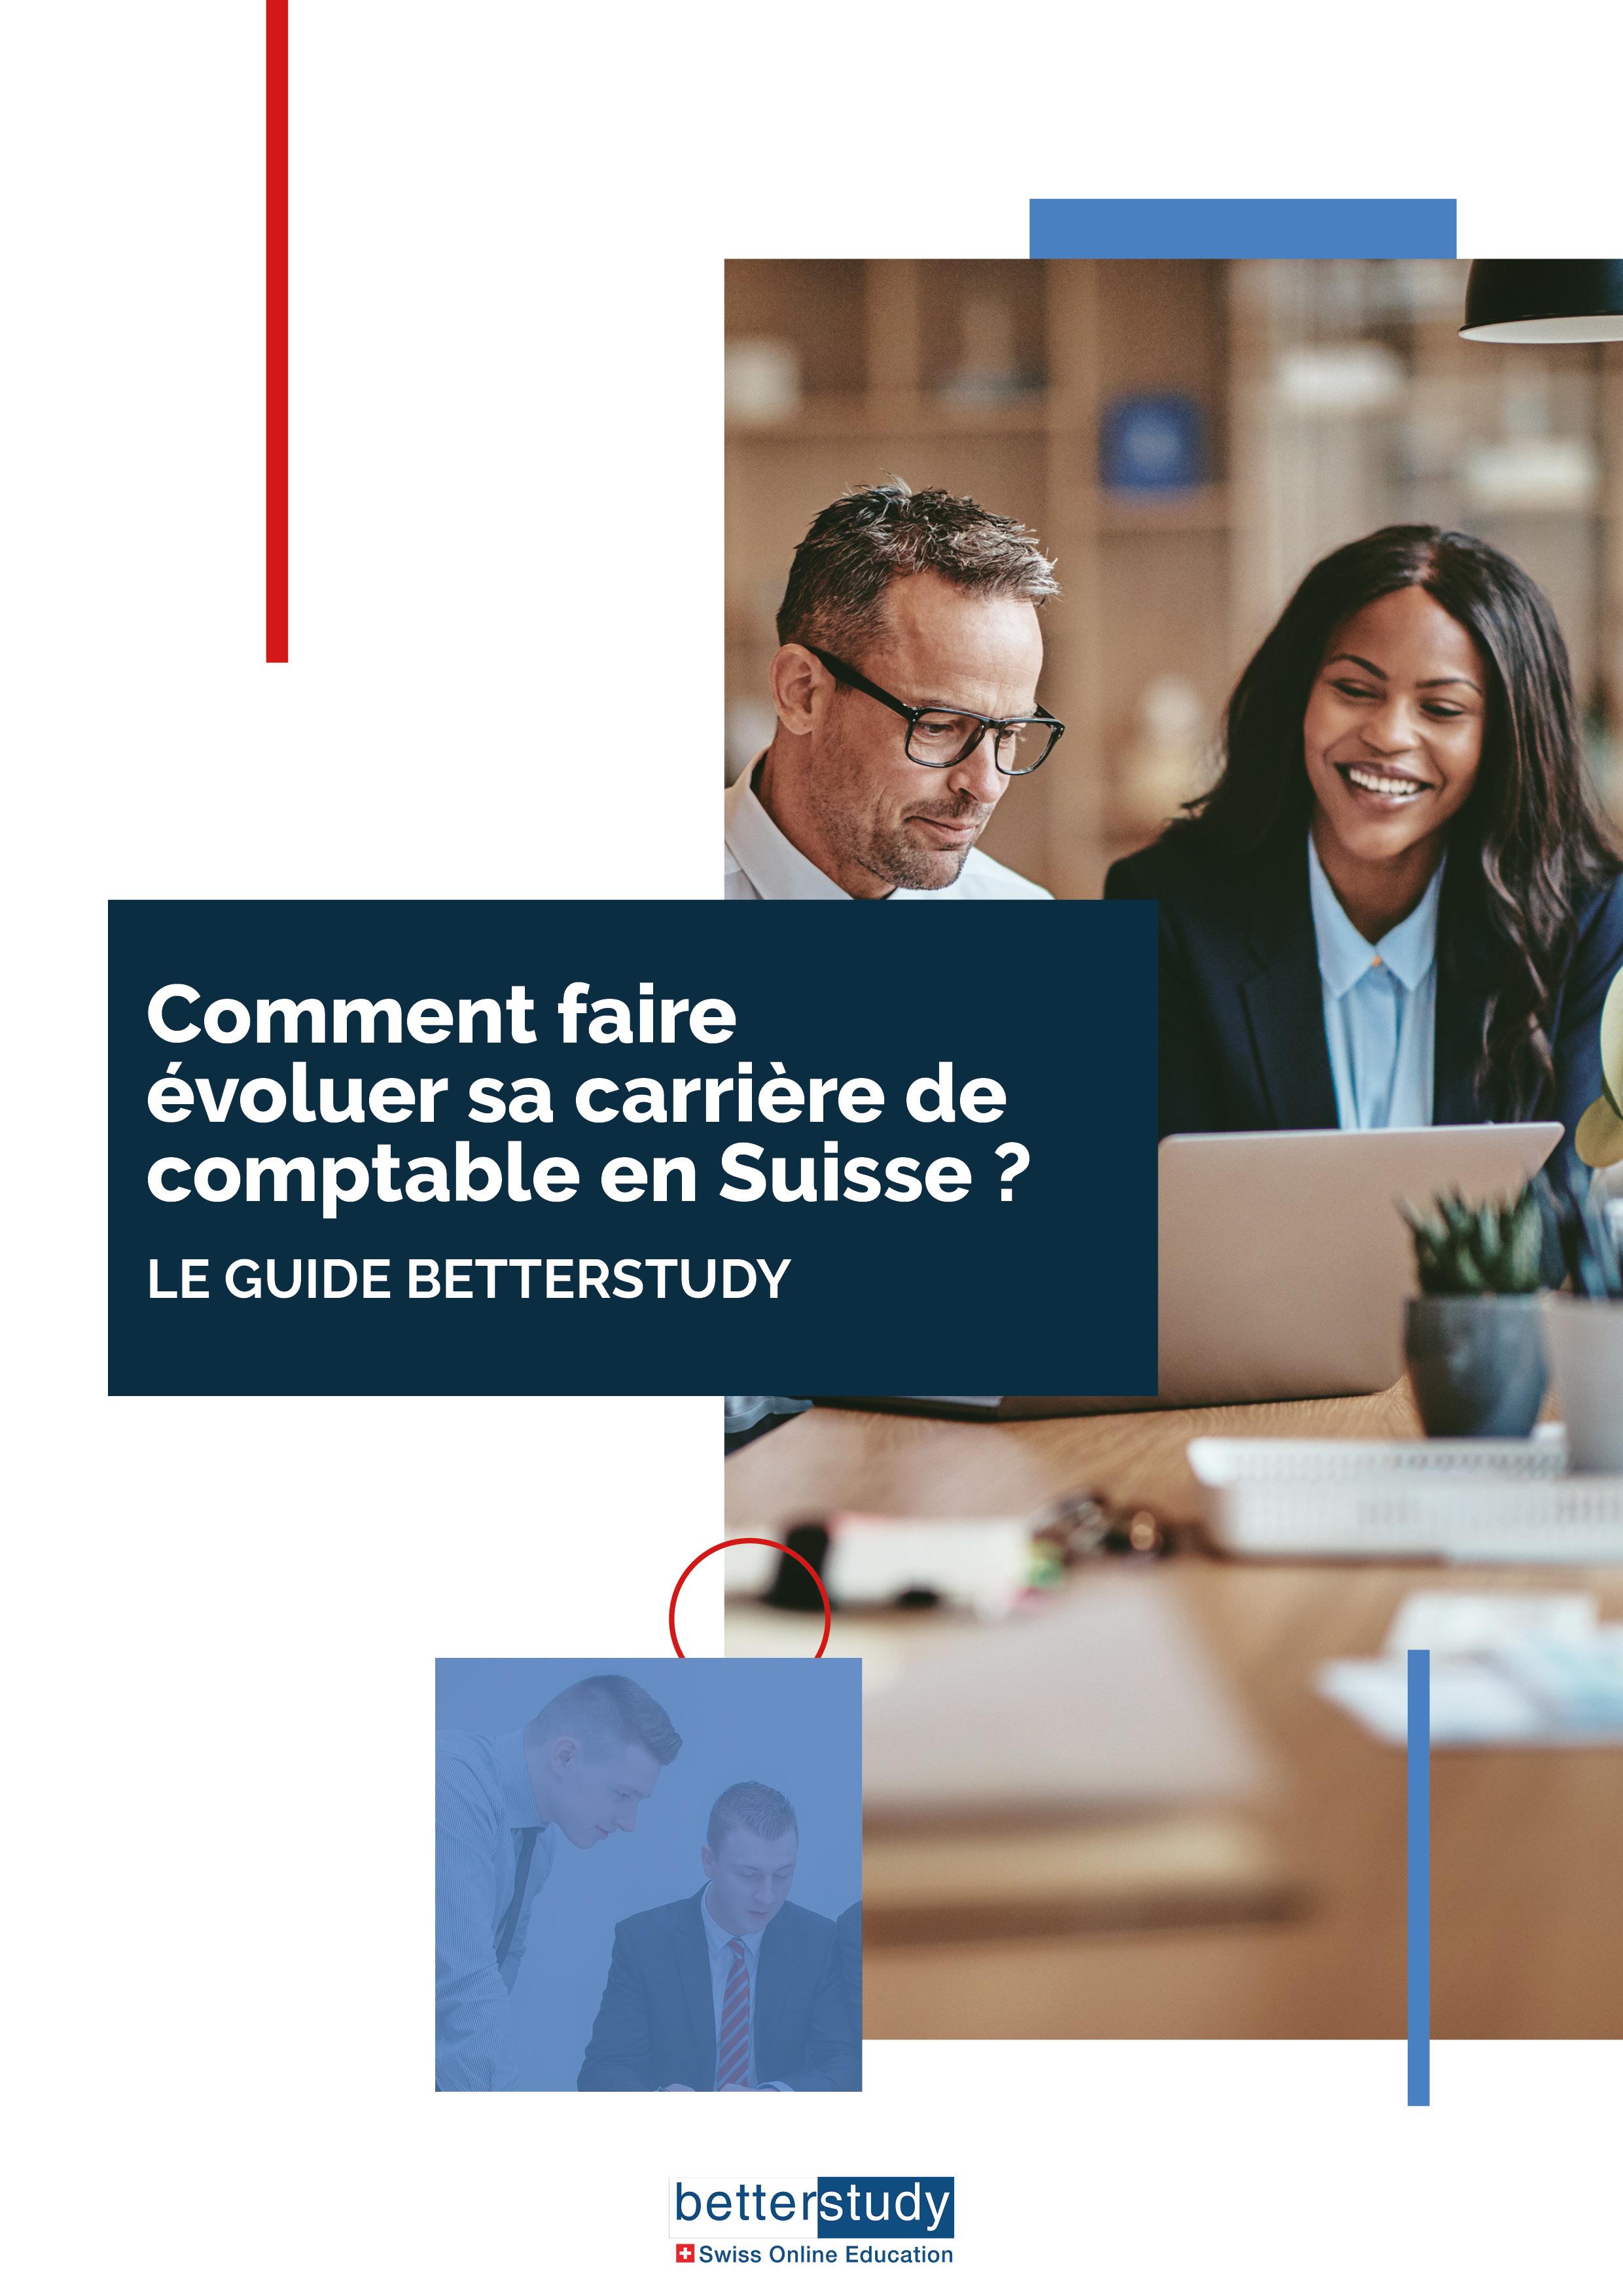 Comment-faire-evoluer-carriere-comptable-suisse